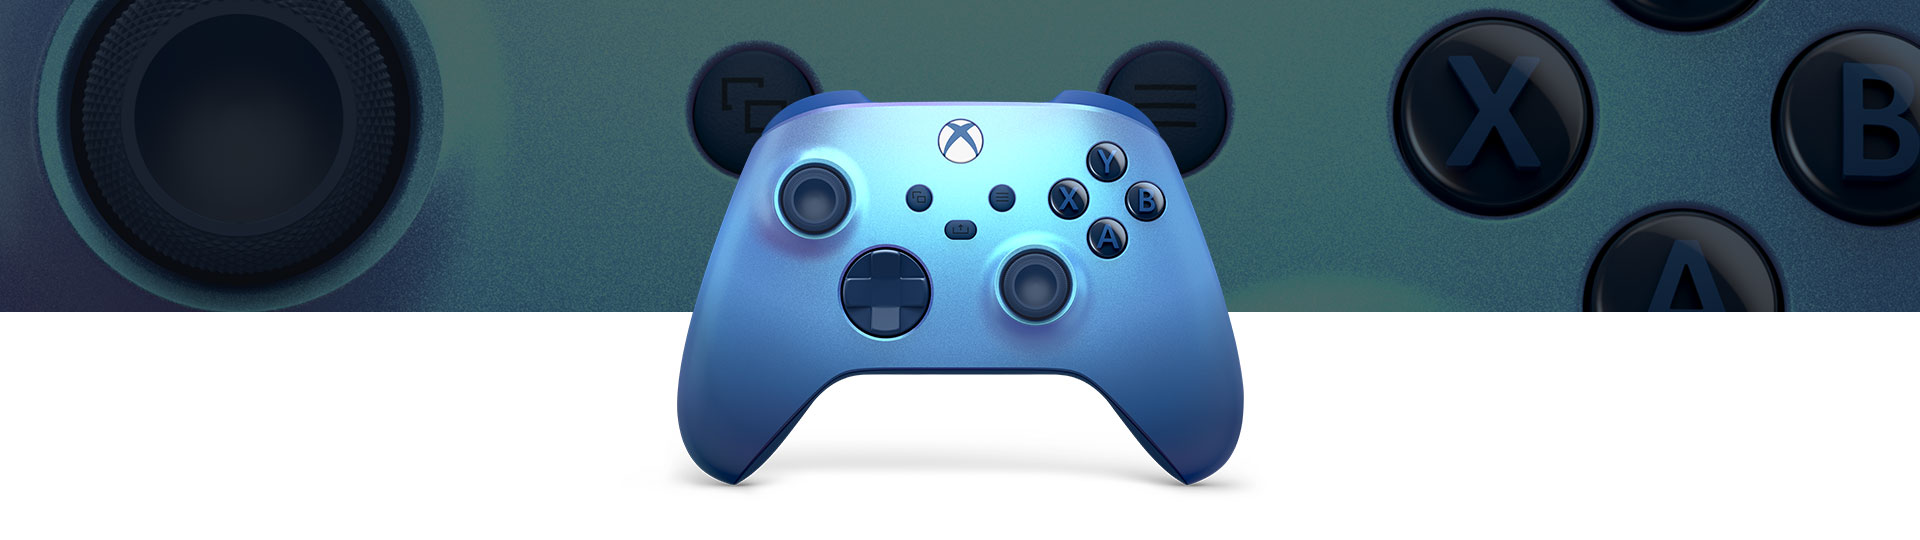 Bezdrátový ovladač pro Xbox Aqua Shift zobrazený v popředí s detailem ovladače na pozadí